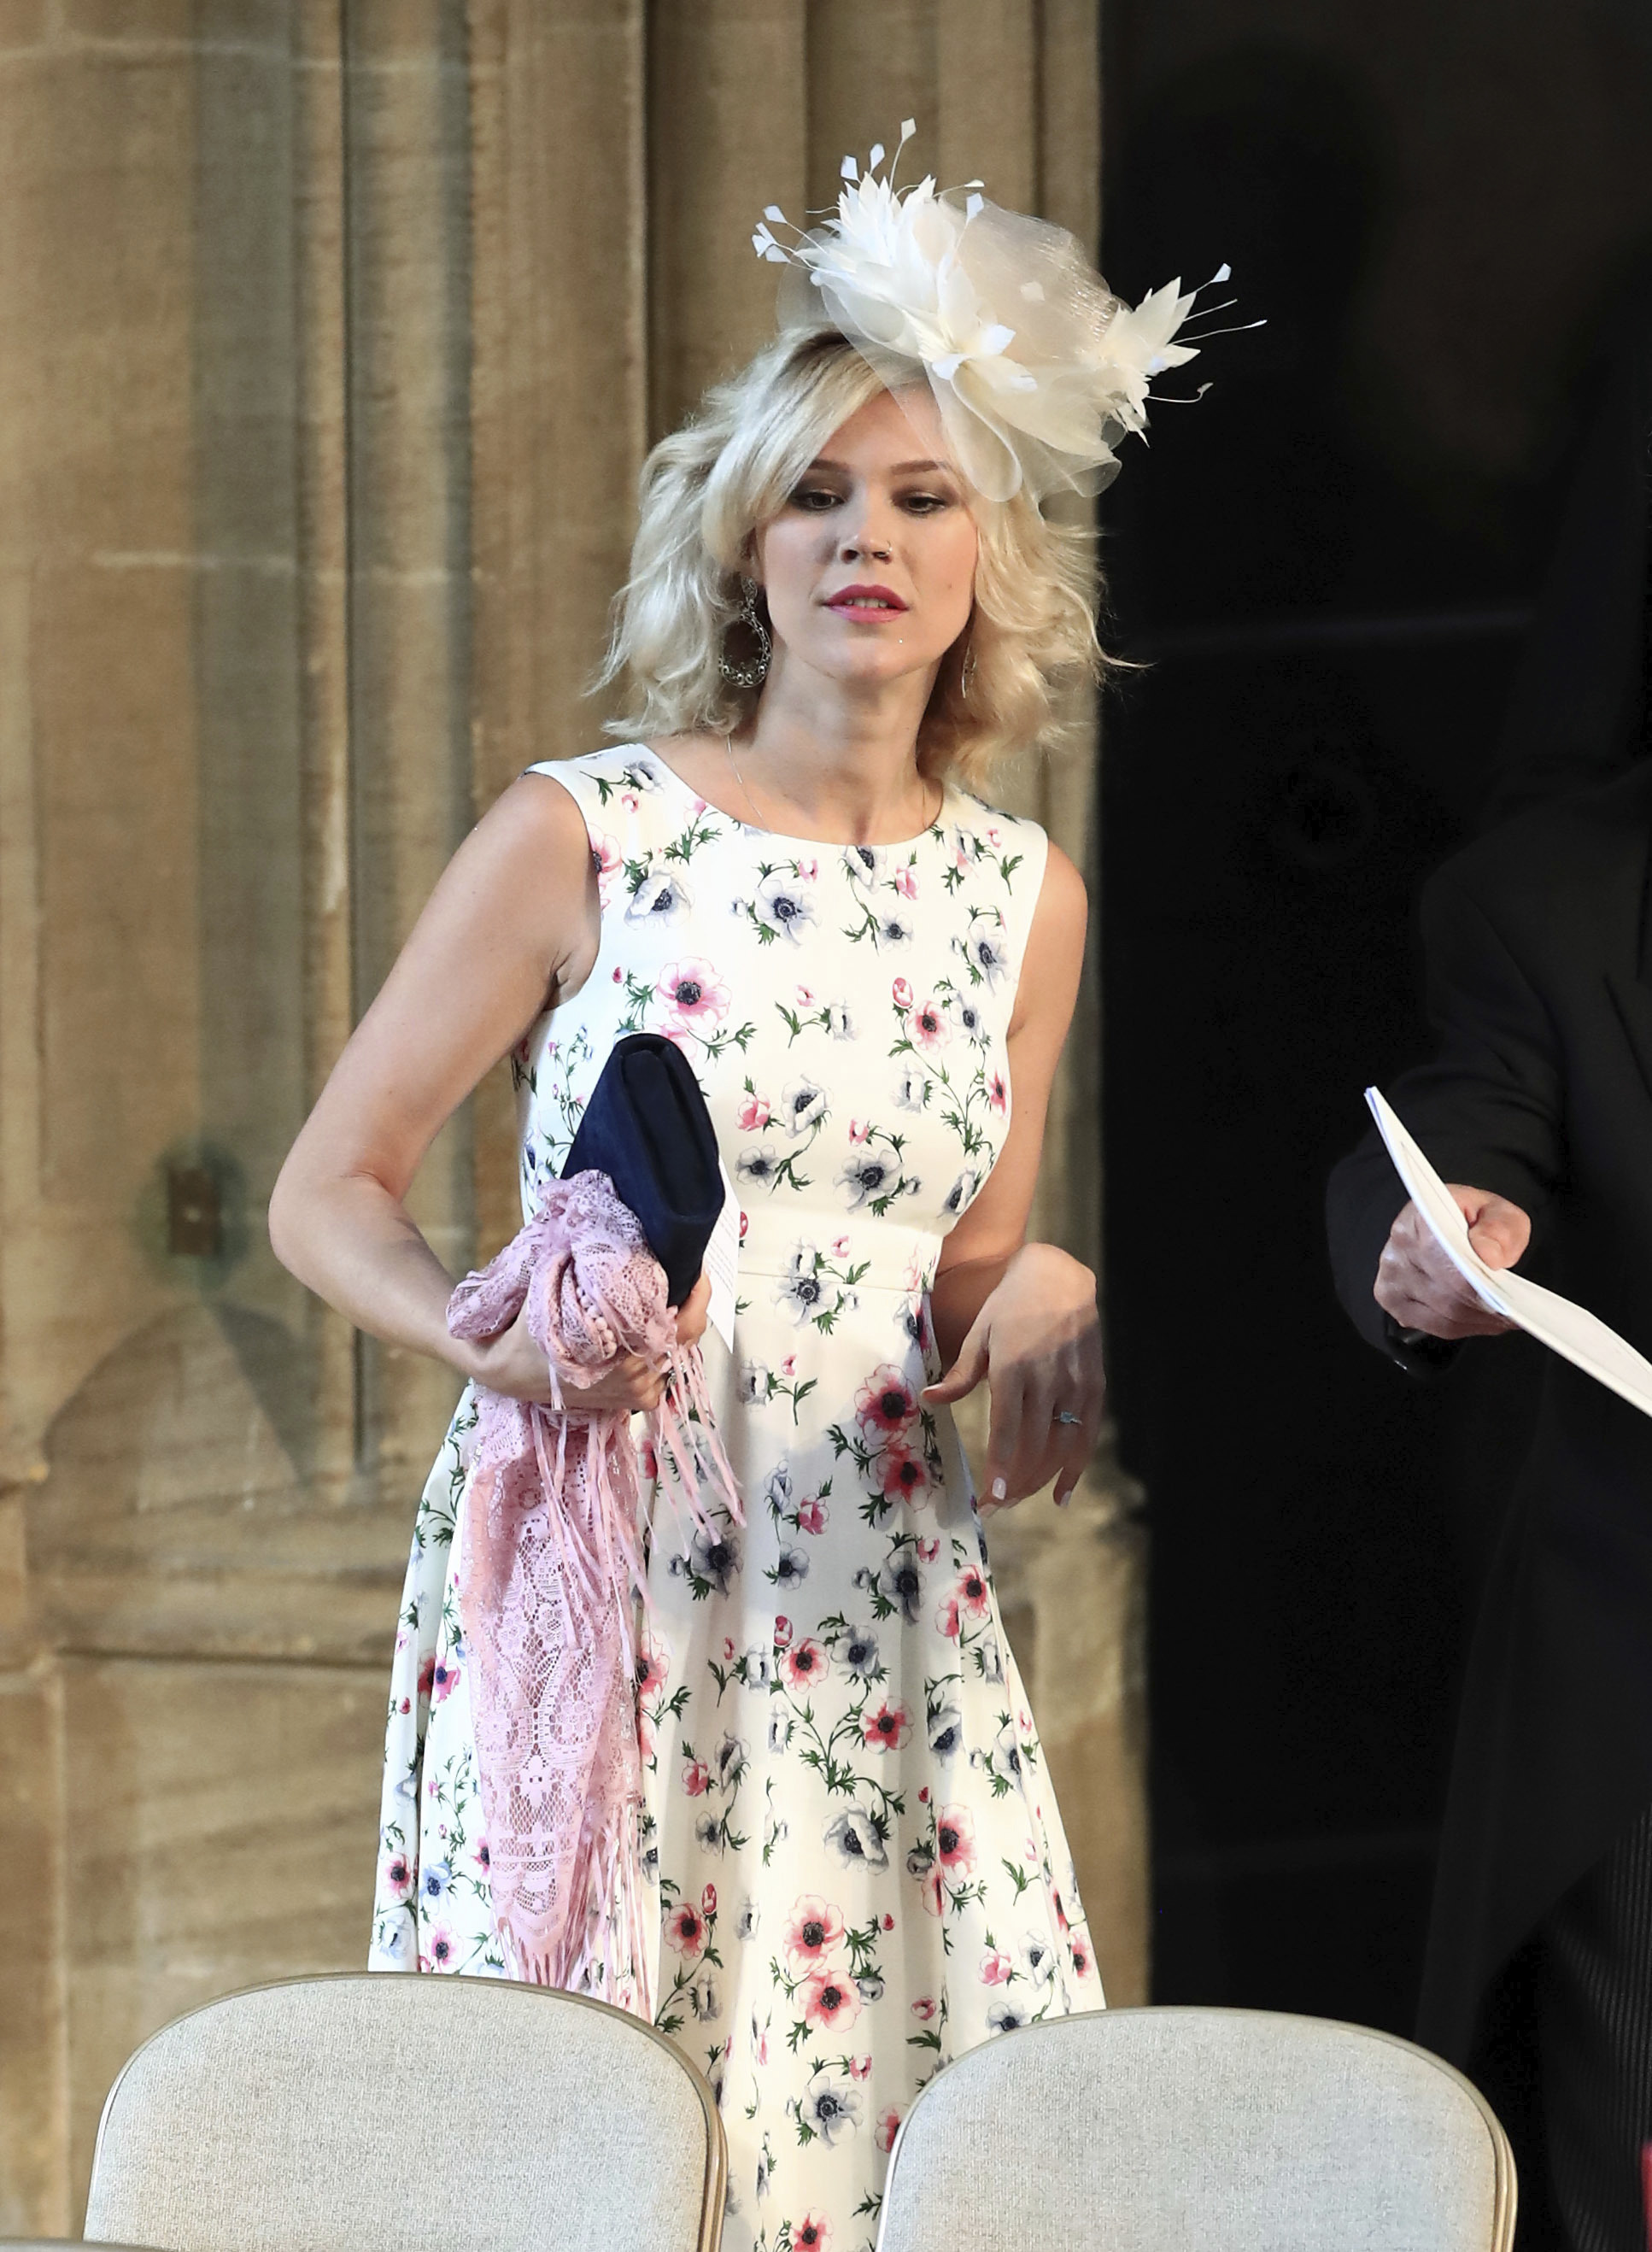 La cantante Joss Stone en la boda del príncipe Harry y Meghan. (Foto: AP)